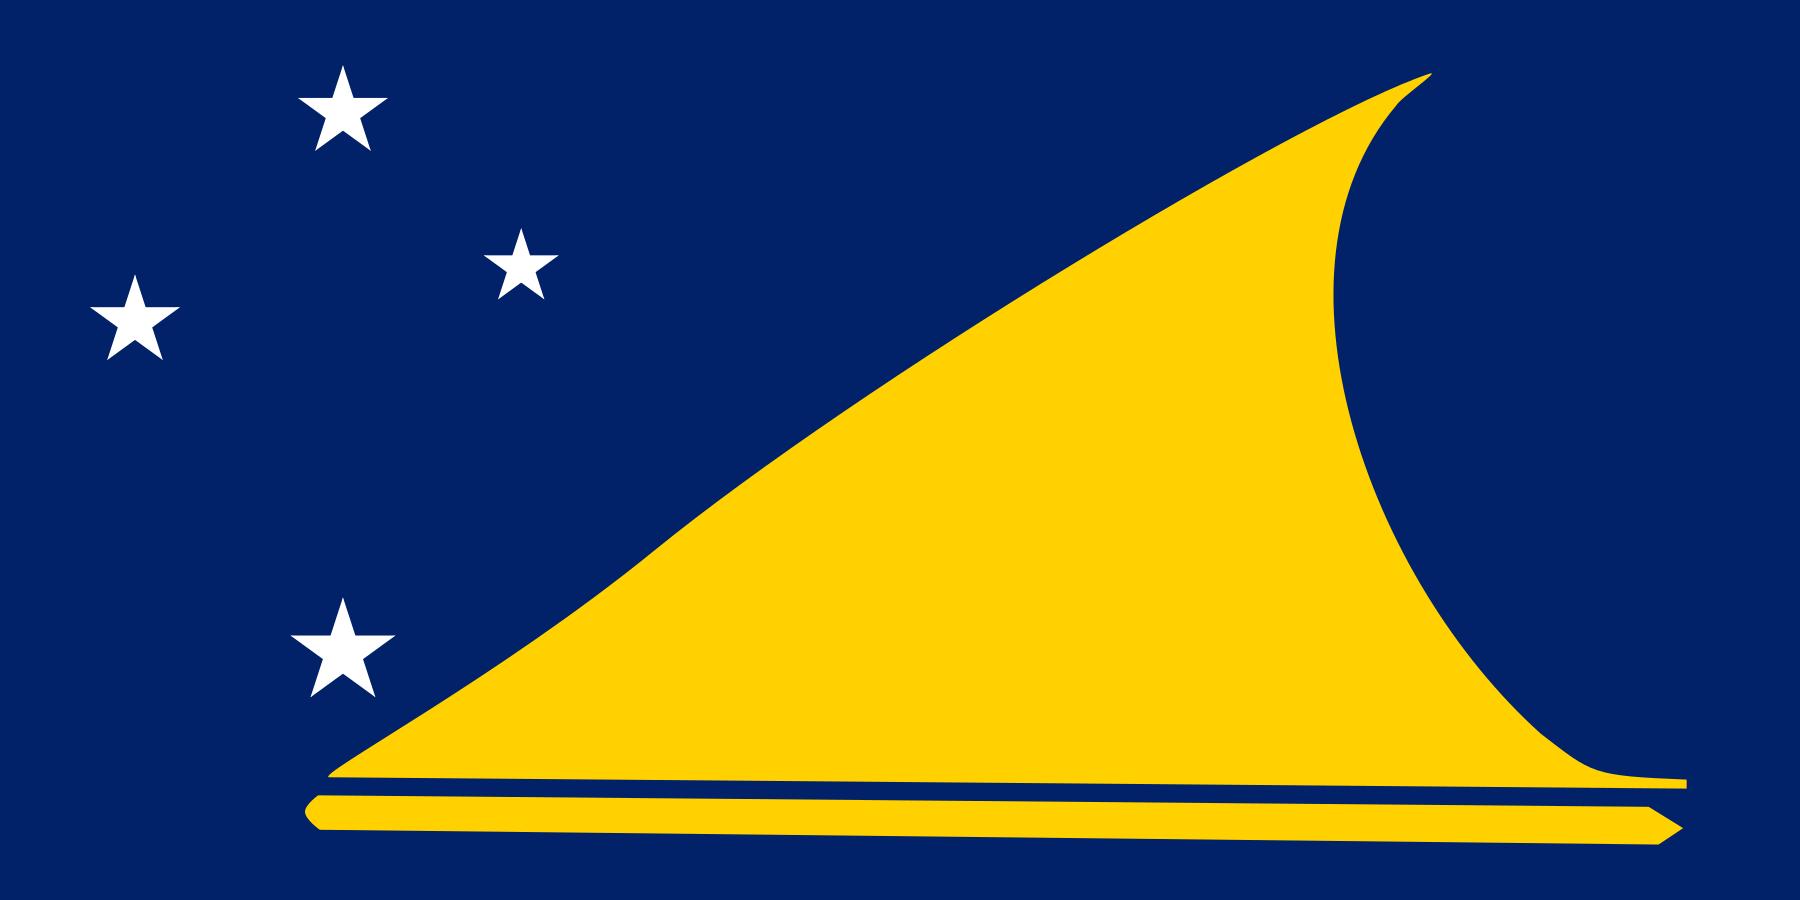 Tokelau'nun Başkenti ve Para Birimi Nedir? Tokelau'nun Bayrağı Nasıldır?